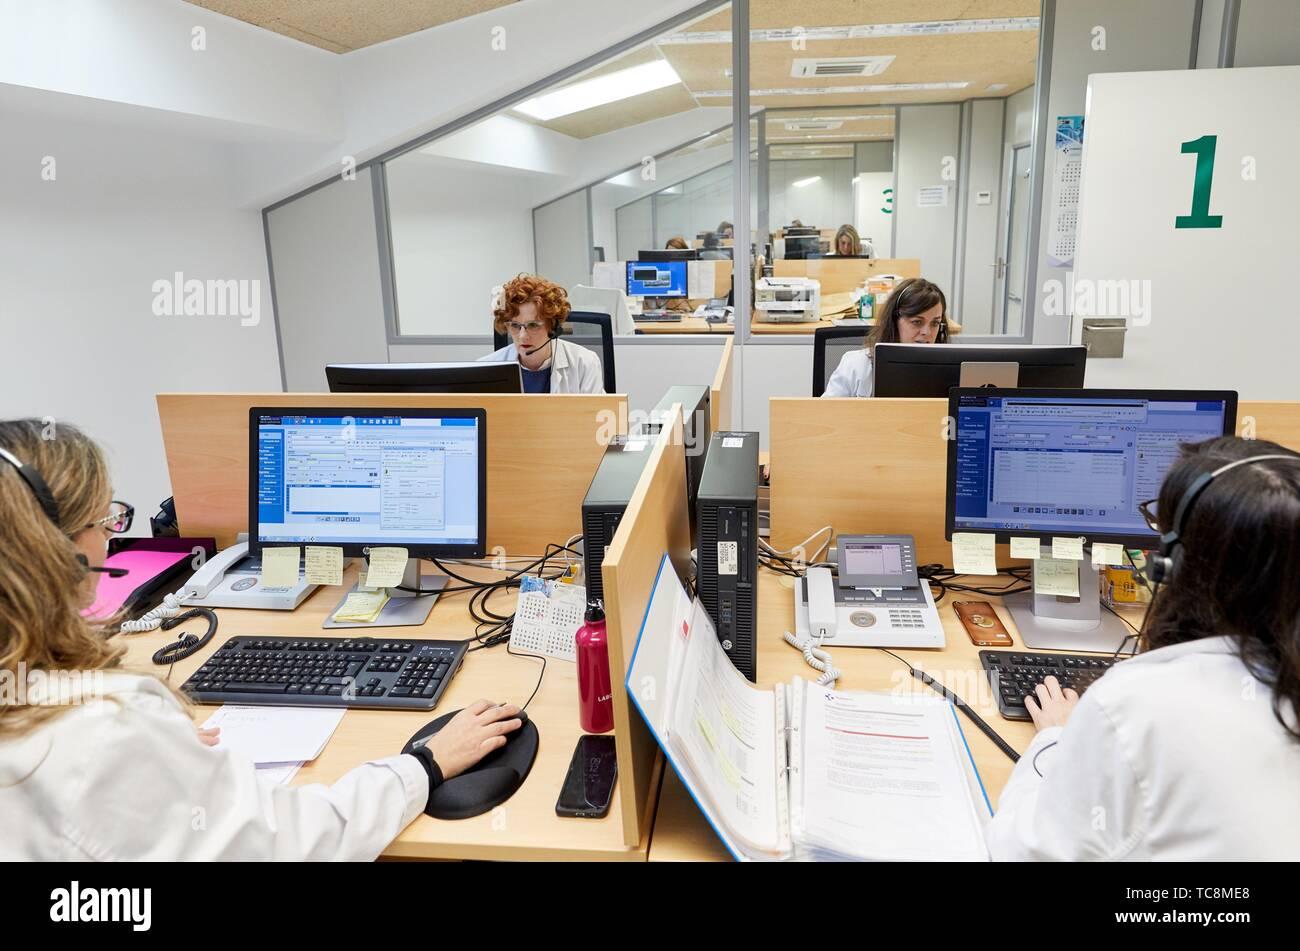 ICC, Integrated Call Center, CIAT, Centro Integrado de Atención Telefónica, Hospital Donostia, San Sebastian, Gipuzkoa, Basque Country, Spain - Stock Image